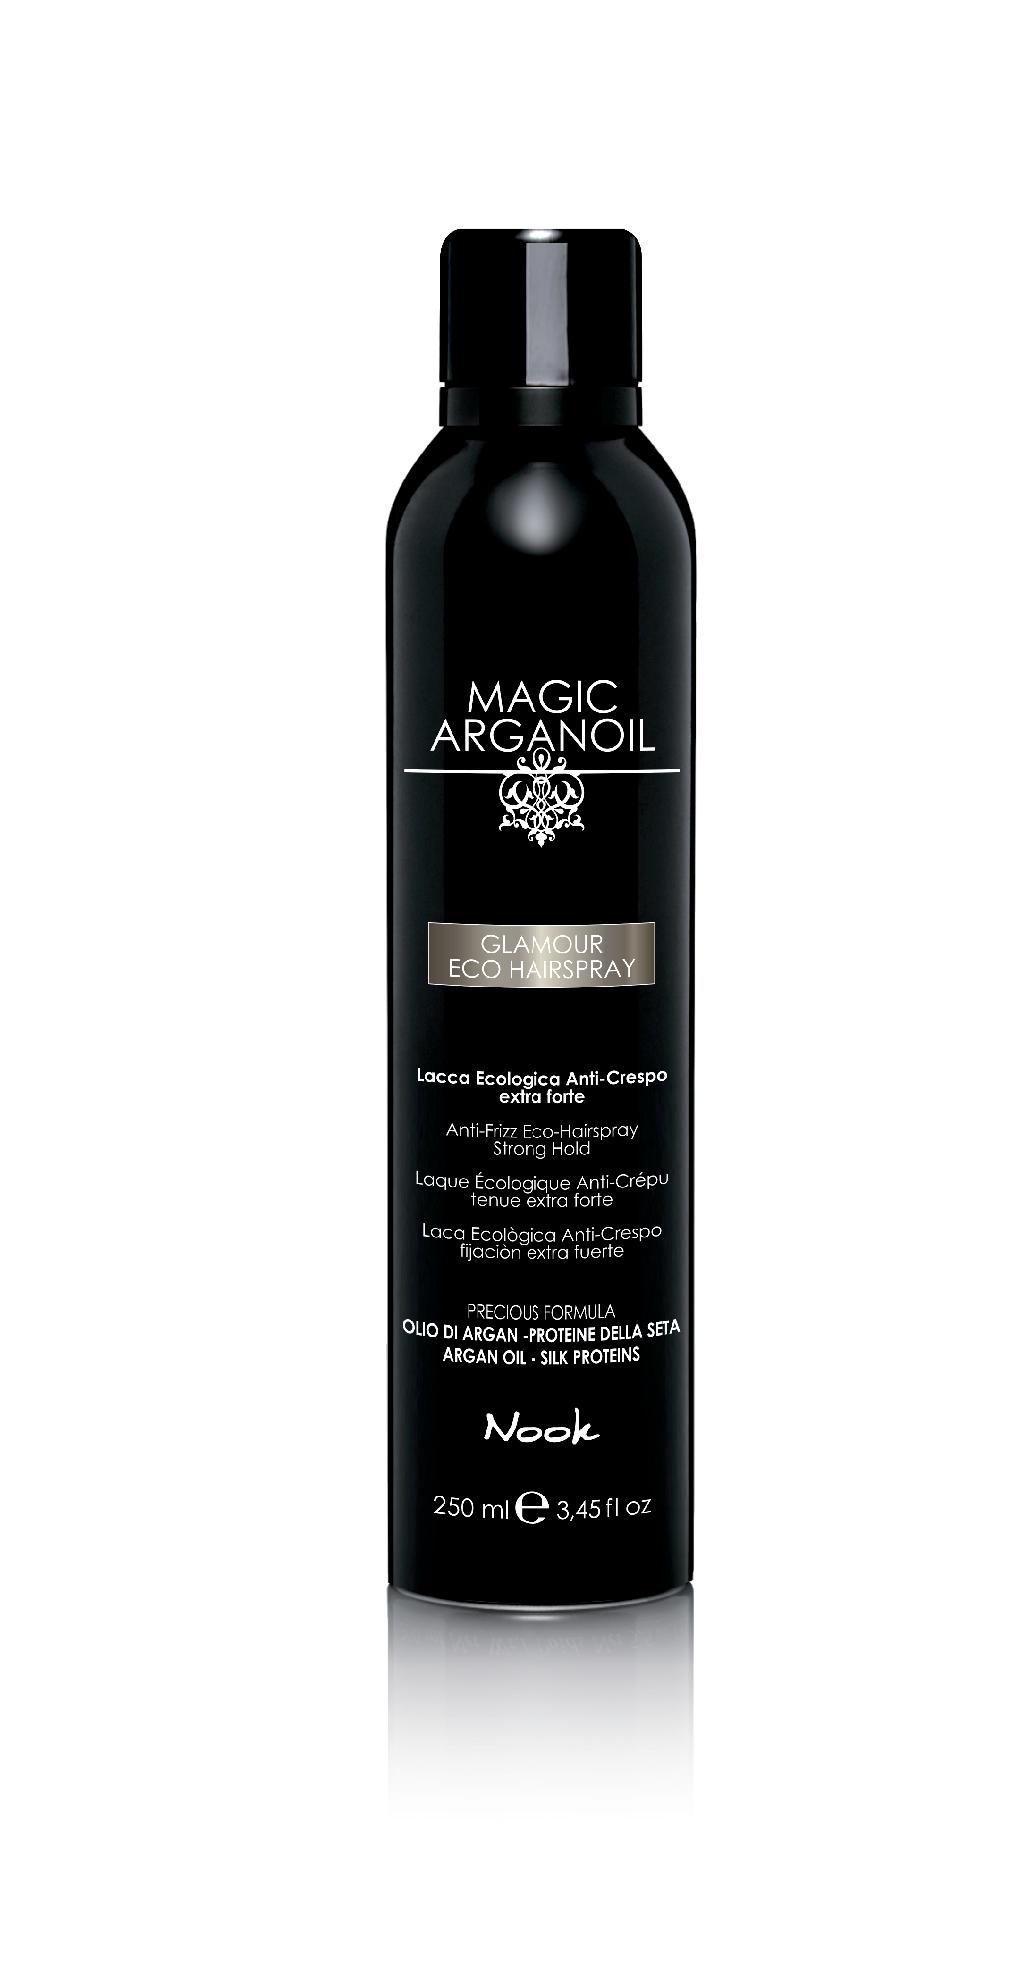 """Купить со скидкой NOOK Лак гламурный для волос """"Магия Арганы"""" / Glamour Eco Hairspray MAGIC ARGANOIL 250мл"""